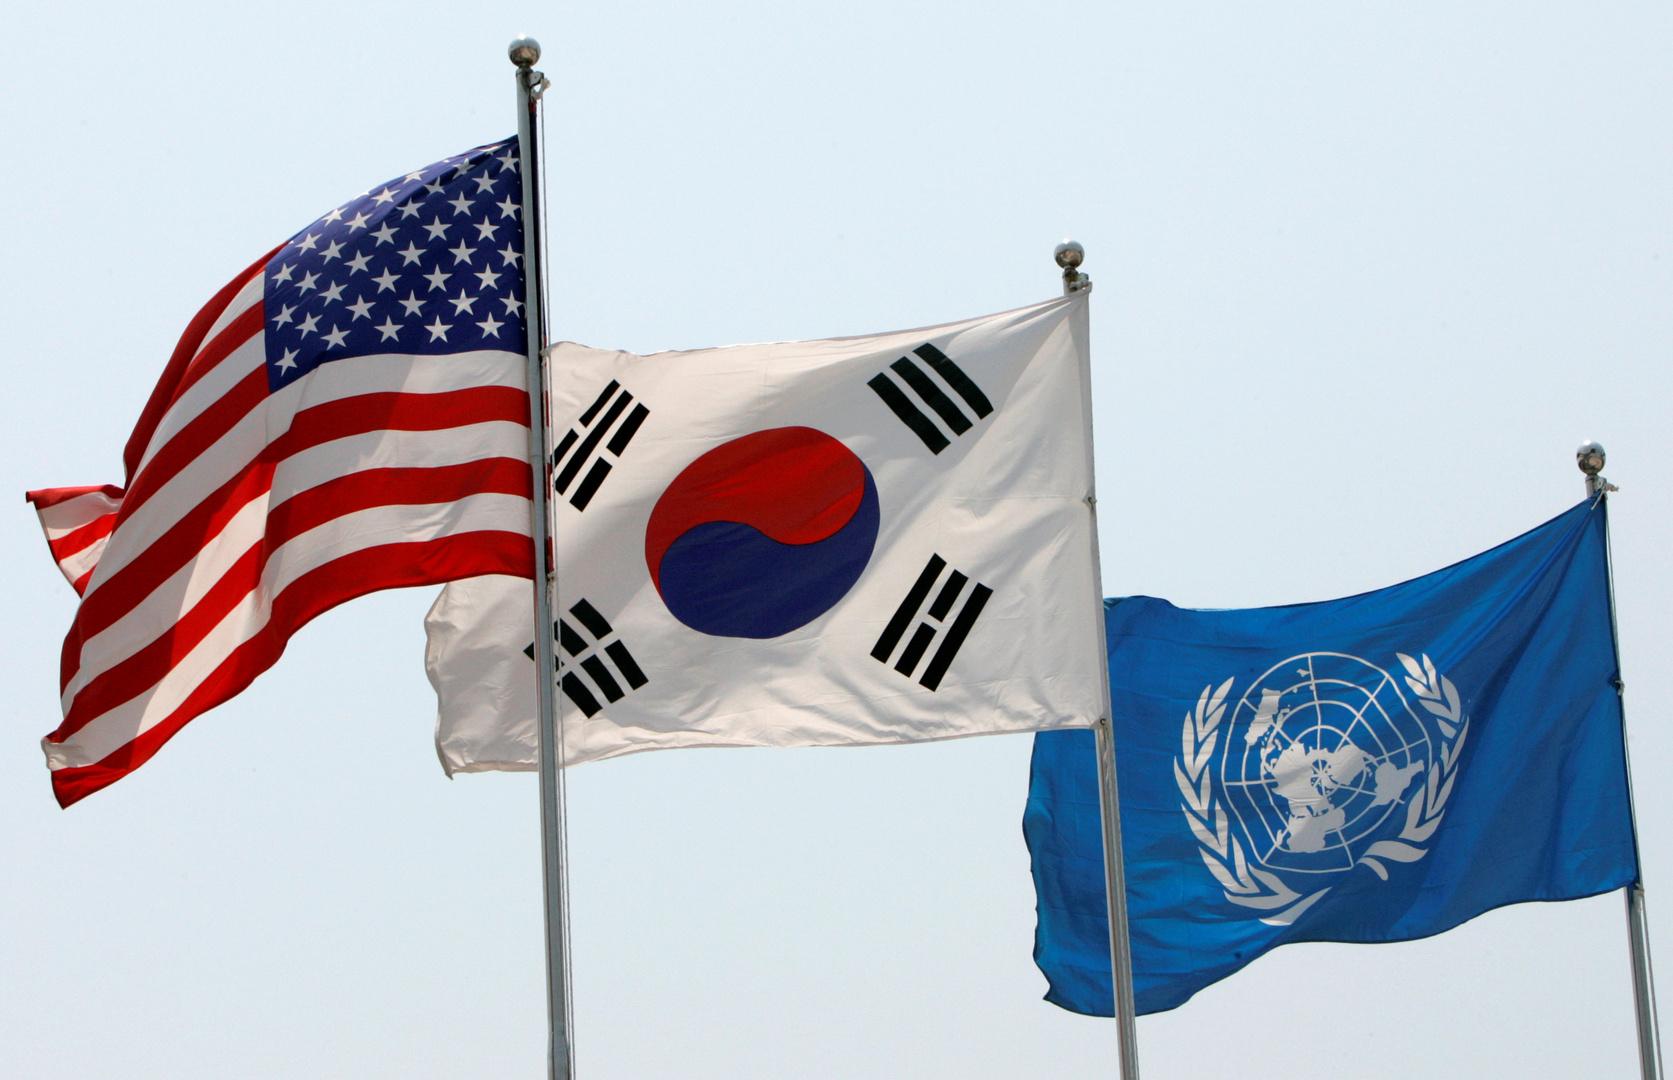 واشنطن وسيئول: متمسكون بالعمل على نزع النووي في شبه الجزيرة الكورية